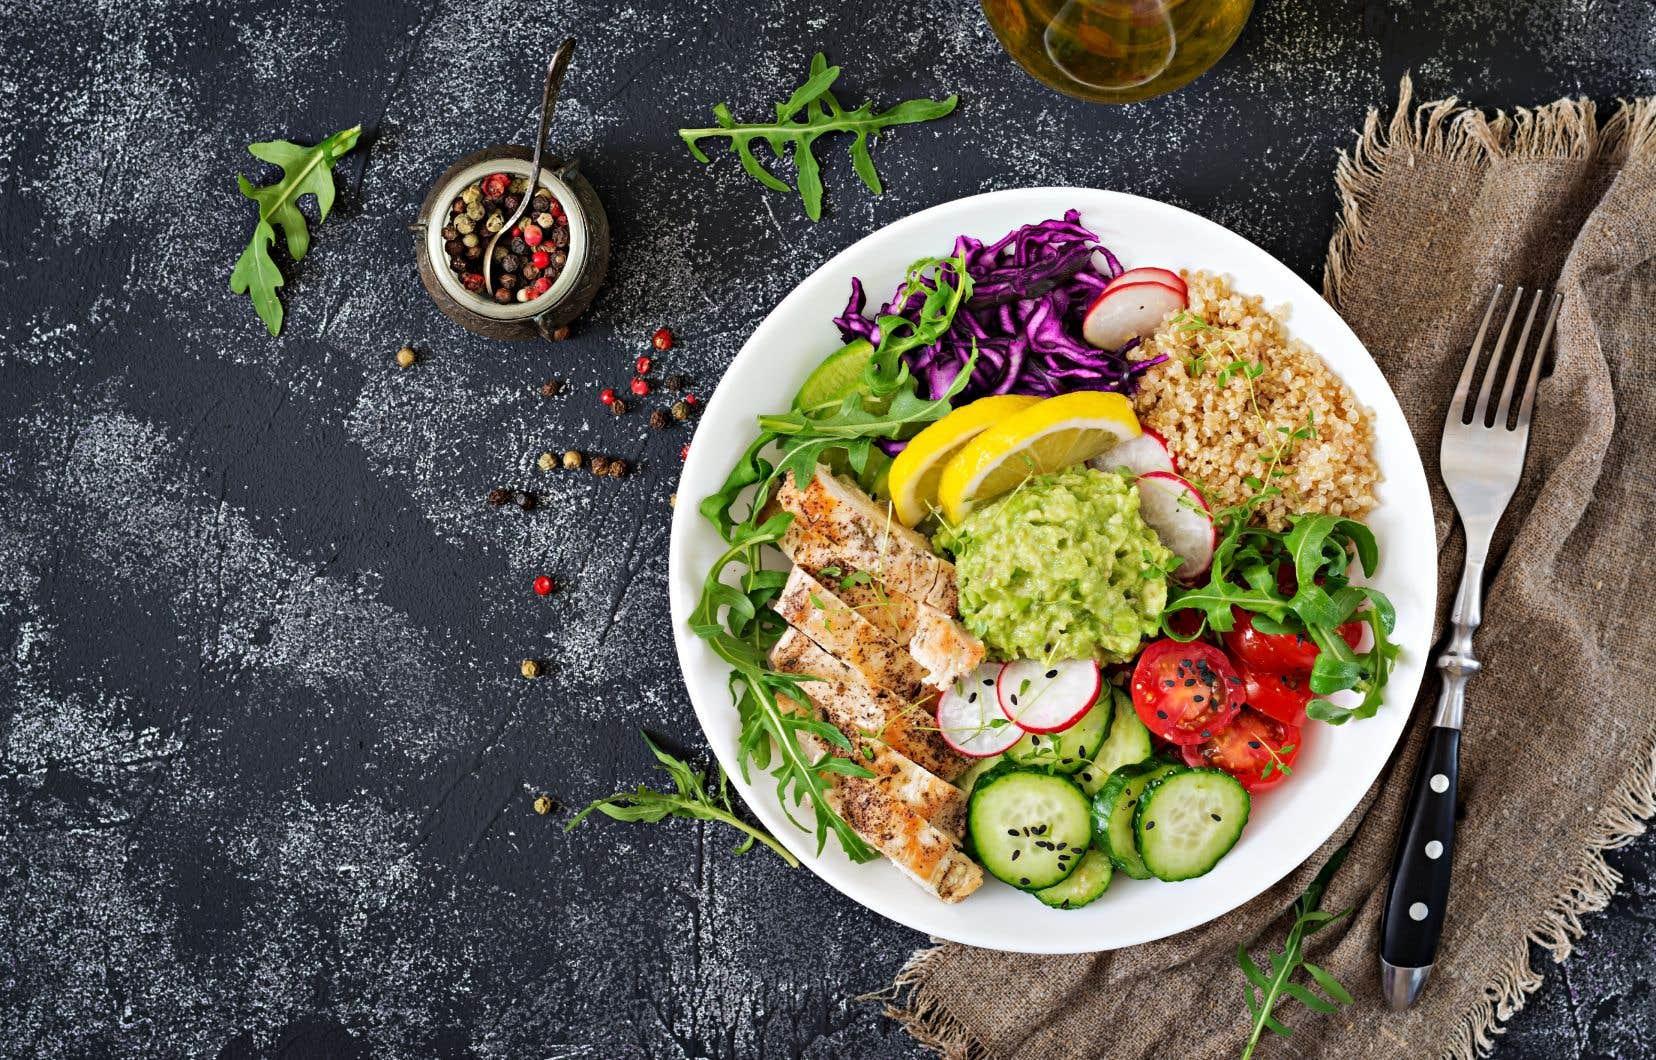 Le guide alimentaire encourage les Canadiens à prendre le temps de cuisiner, de savourer leurs aliments et de renouer avec la sensation de faim et celle de satiété.